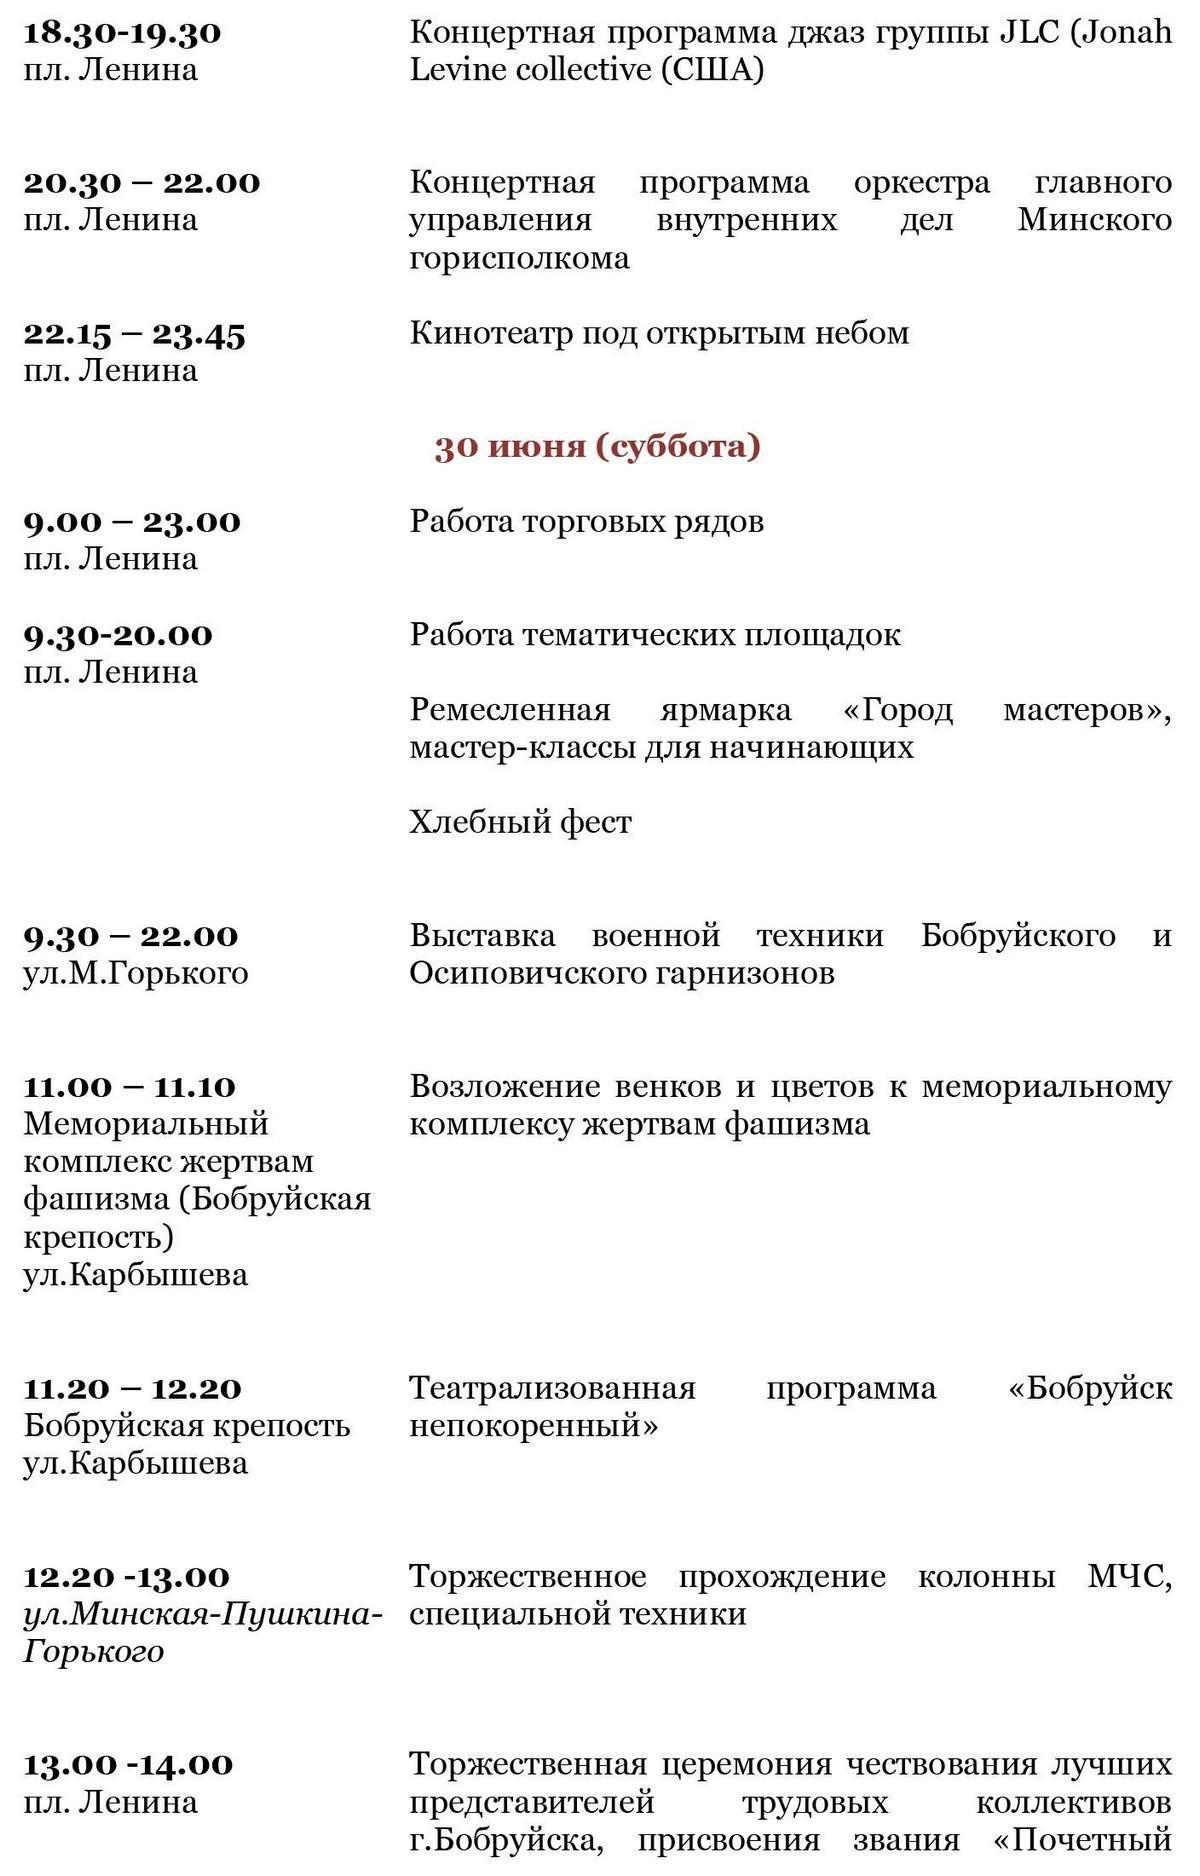 Дни, которые объединяют бобруйчан: День города и День Республики. Дополнено